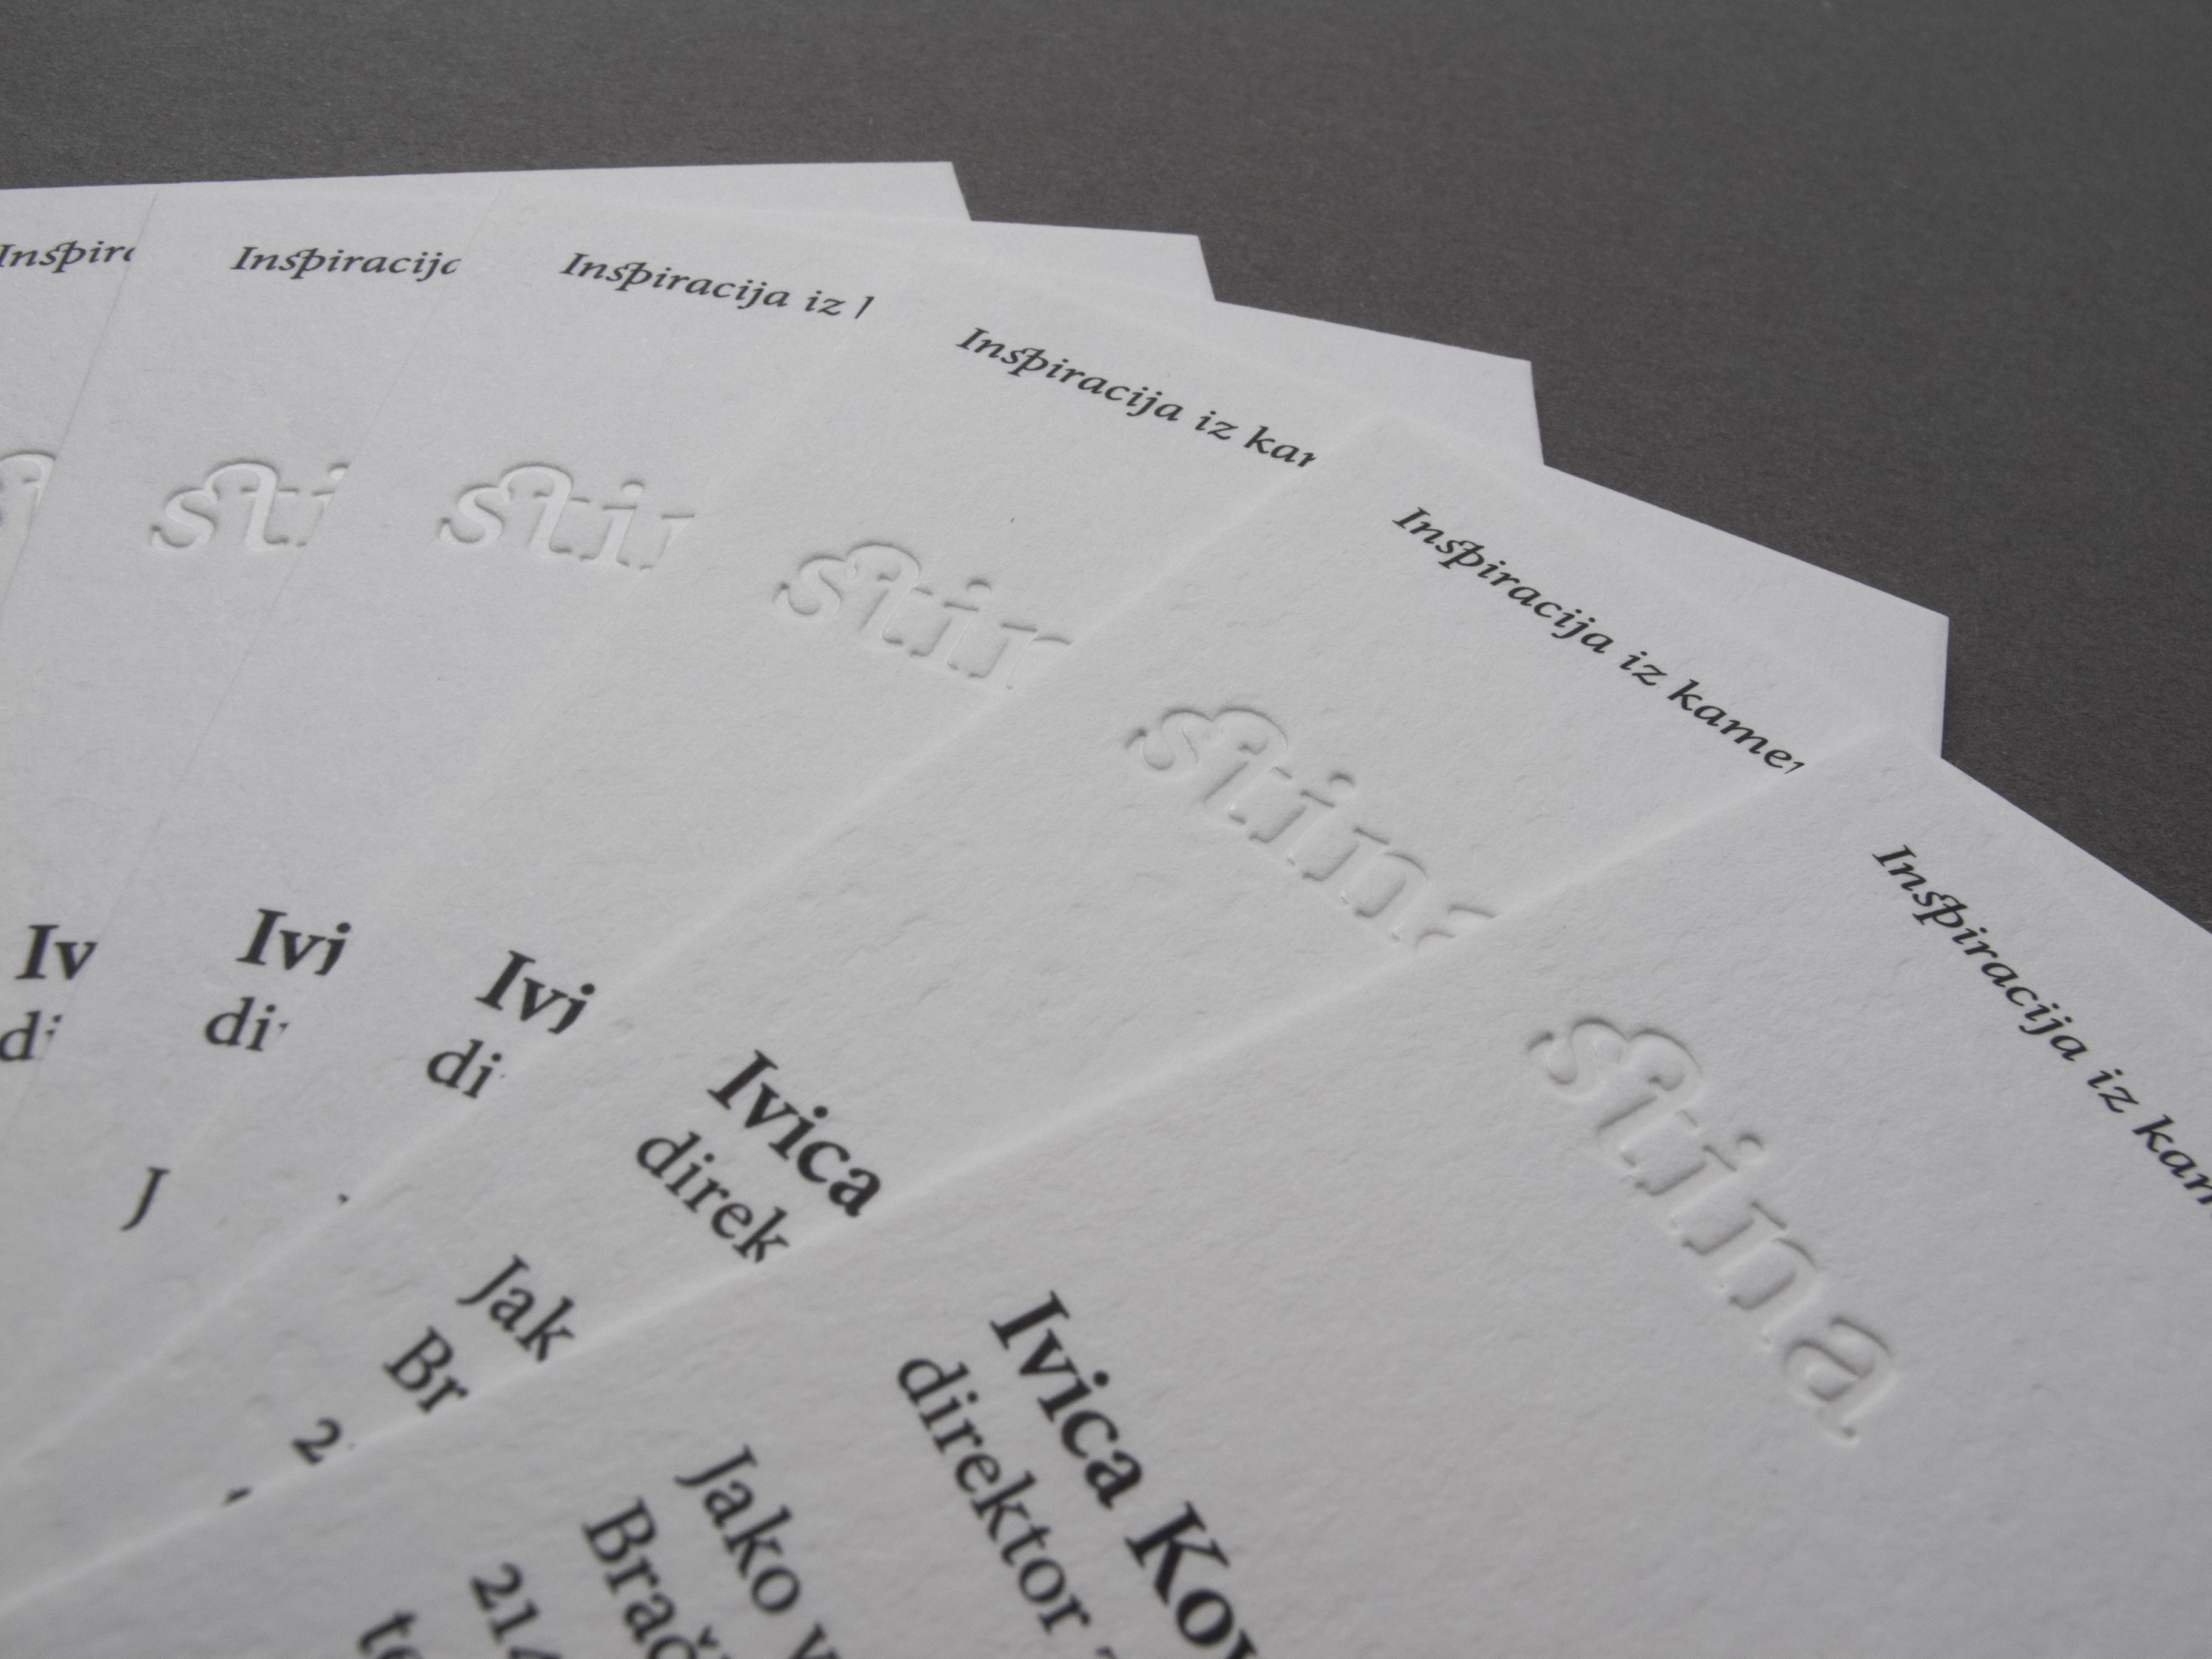 BUSINESS CARDS STINA VINO - Cerovski